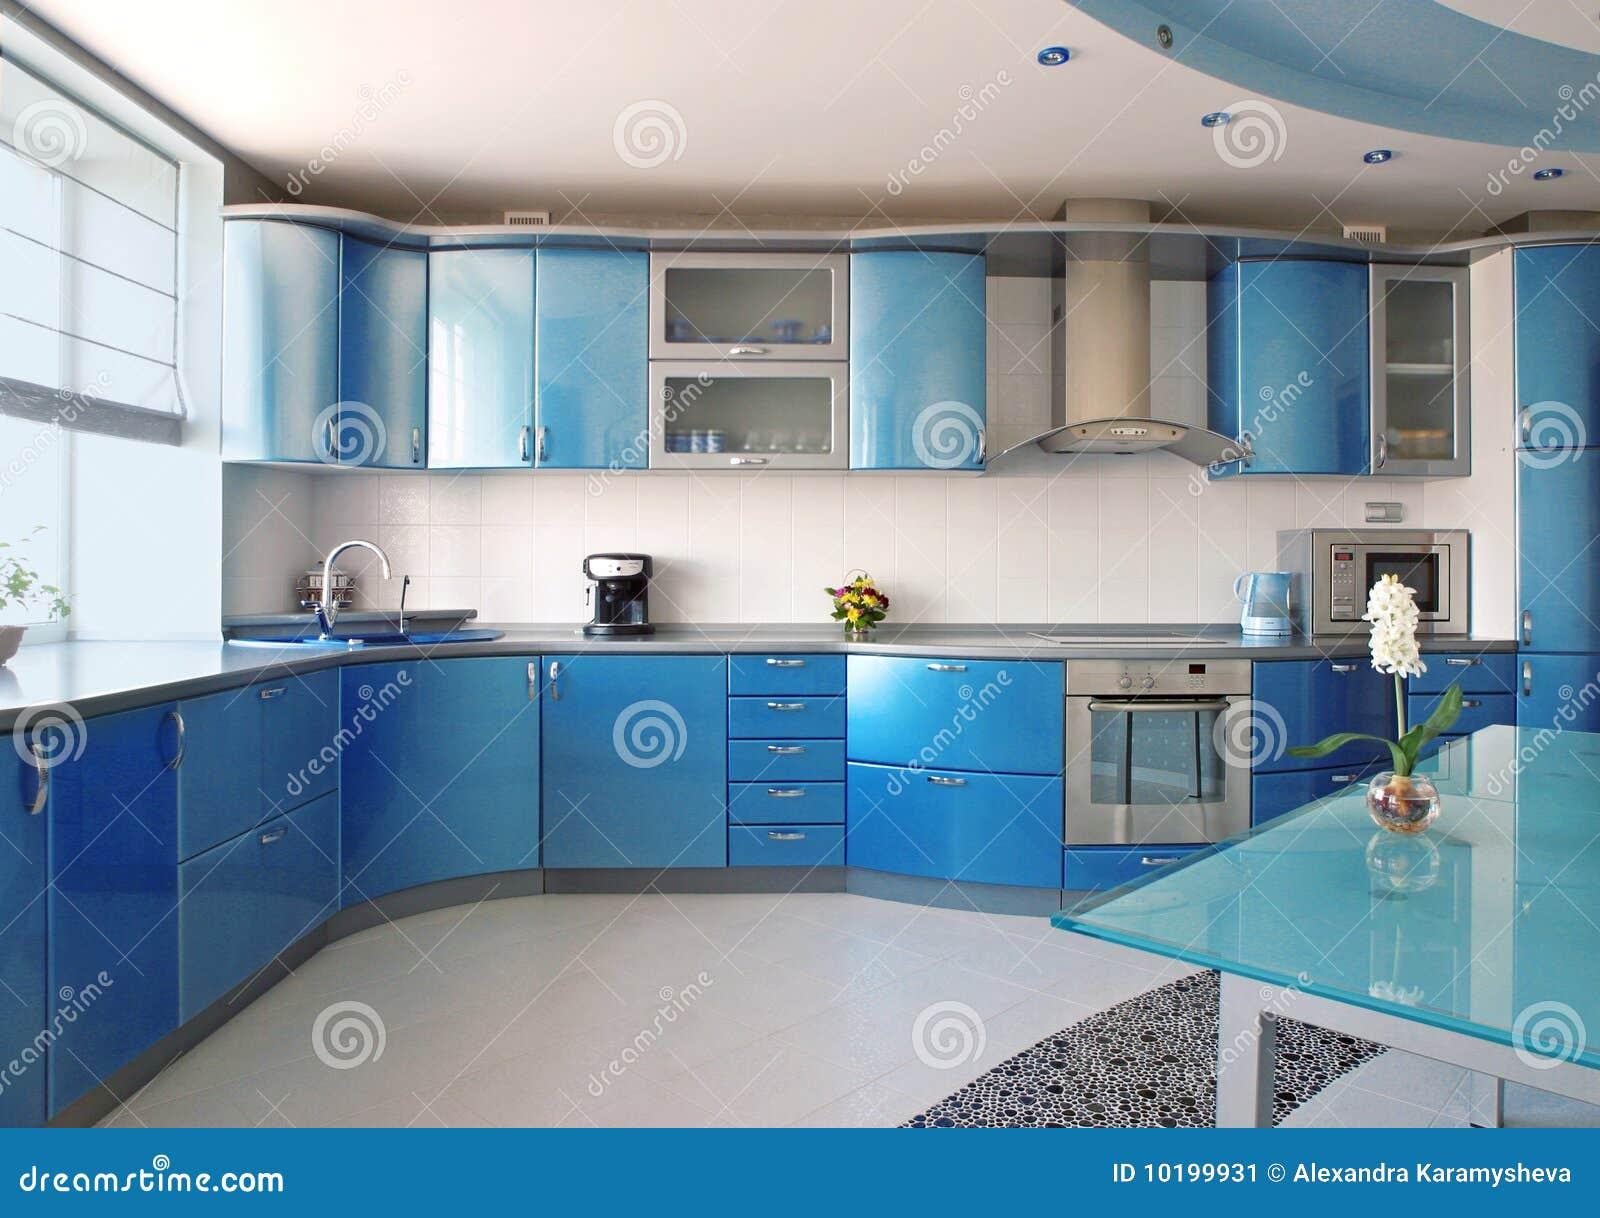 Blauwe Keuken Stock Afbeelding - Afbeelding: 10199931